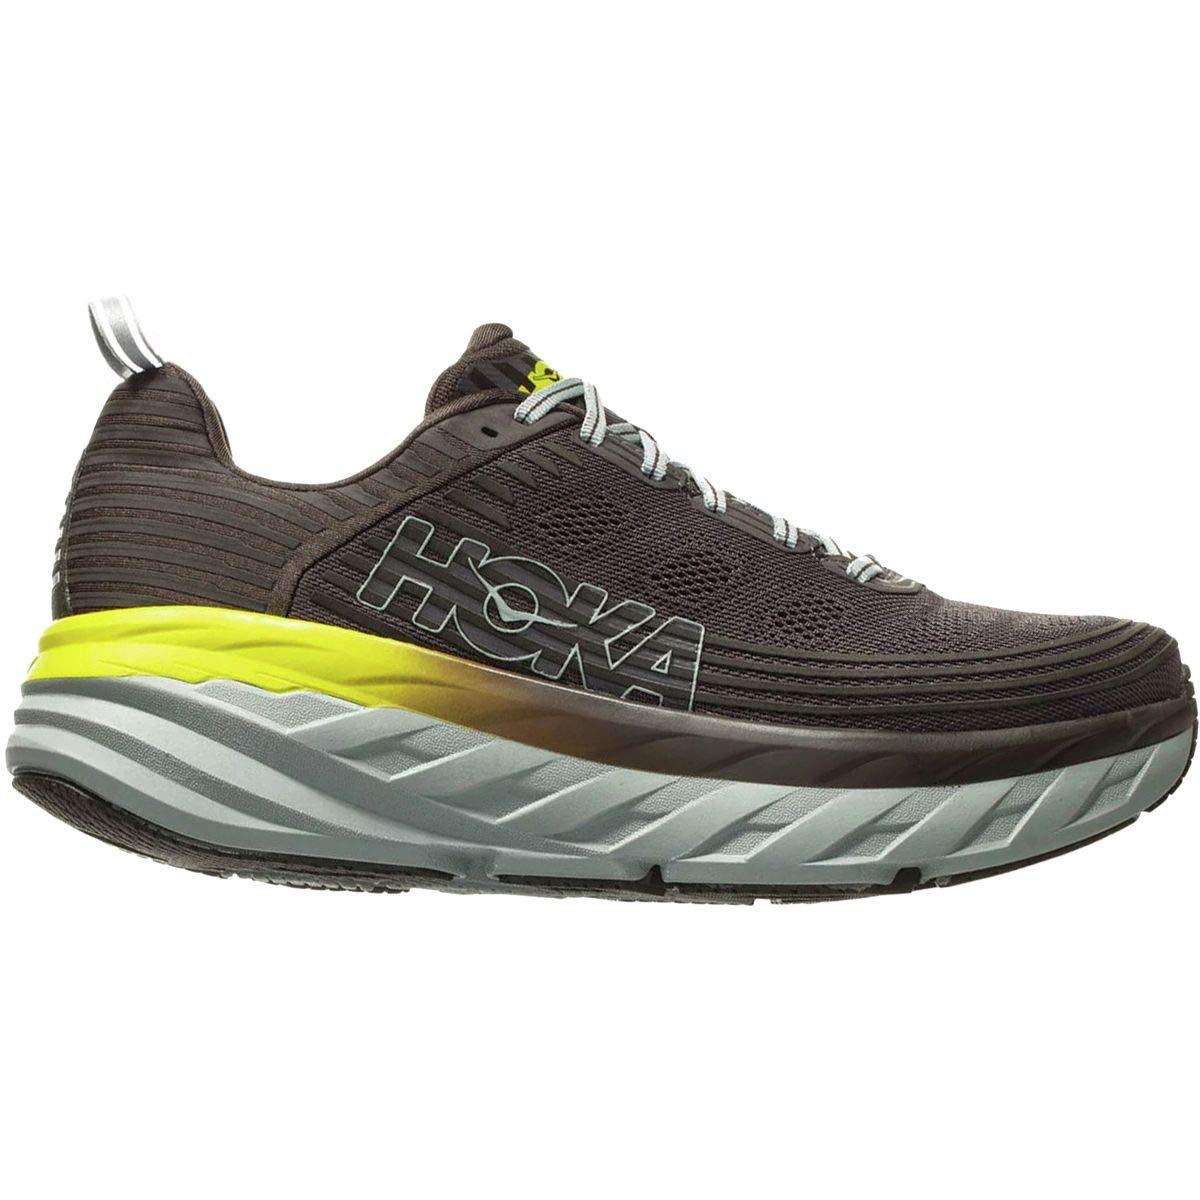 最終決算 [ホッカオネオネ] メンズ Running ランニング Bondi 6 メンズ Running Shoe [並行輸入品] B07P2VX825 B07P2VX825 13, 日本タオバオ村:6d470dbf --- xn--paiius-k2a.lt